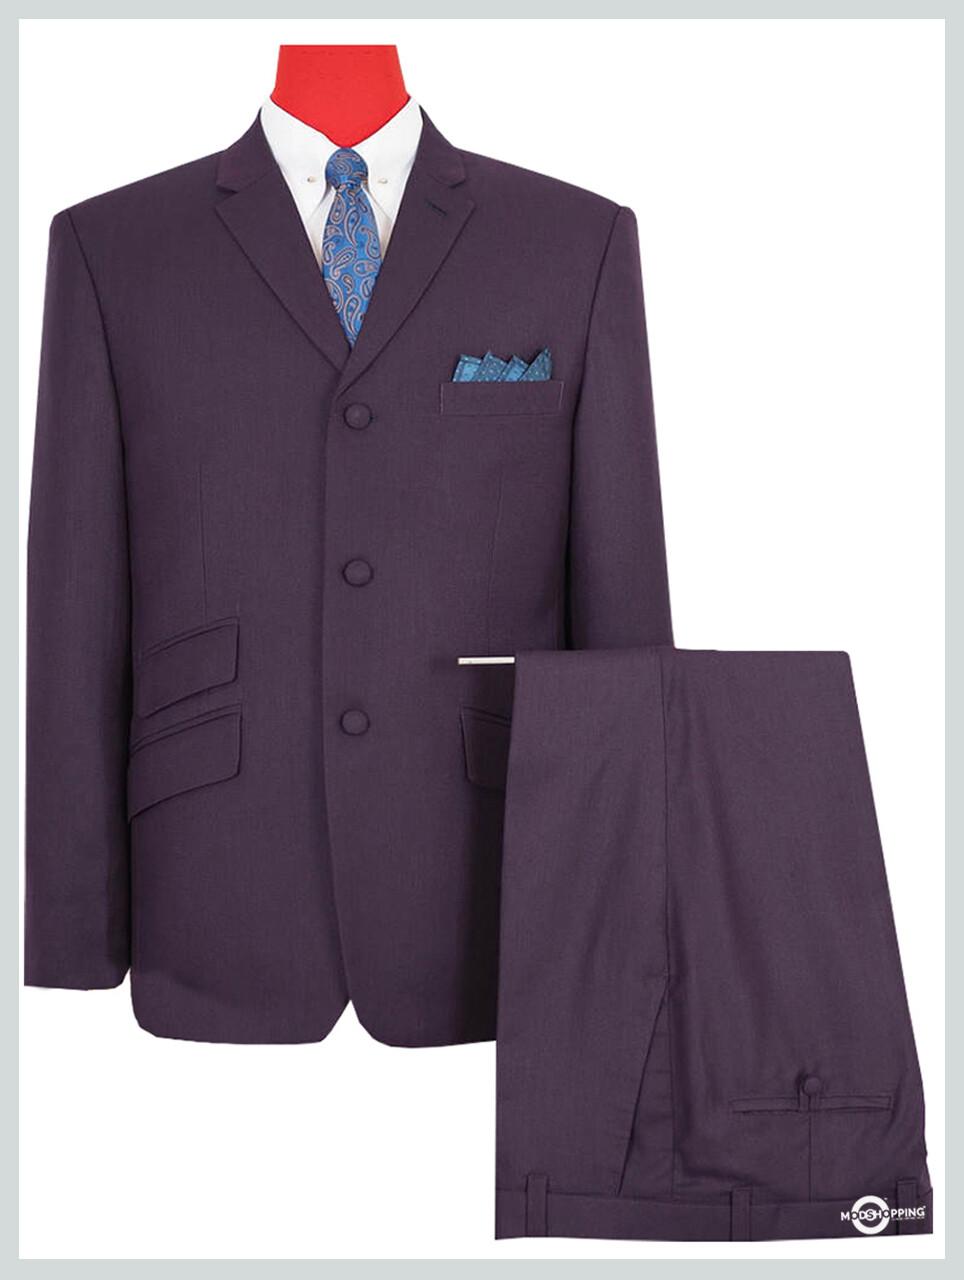 Vintage Style Retro Purple 3 Button Mod Suit